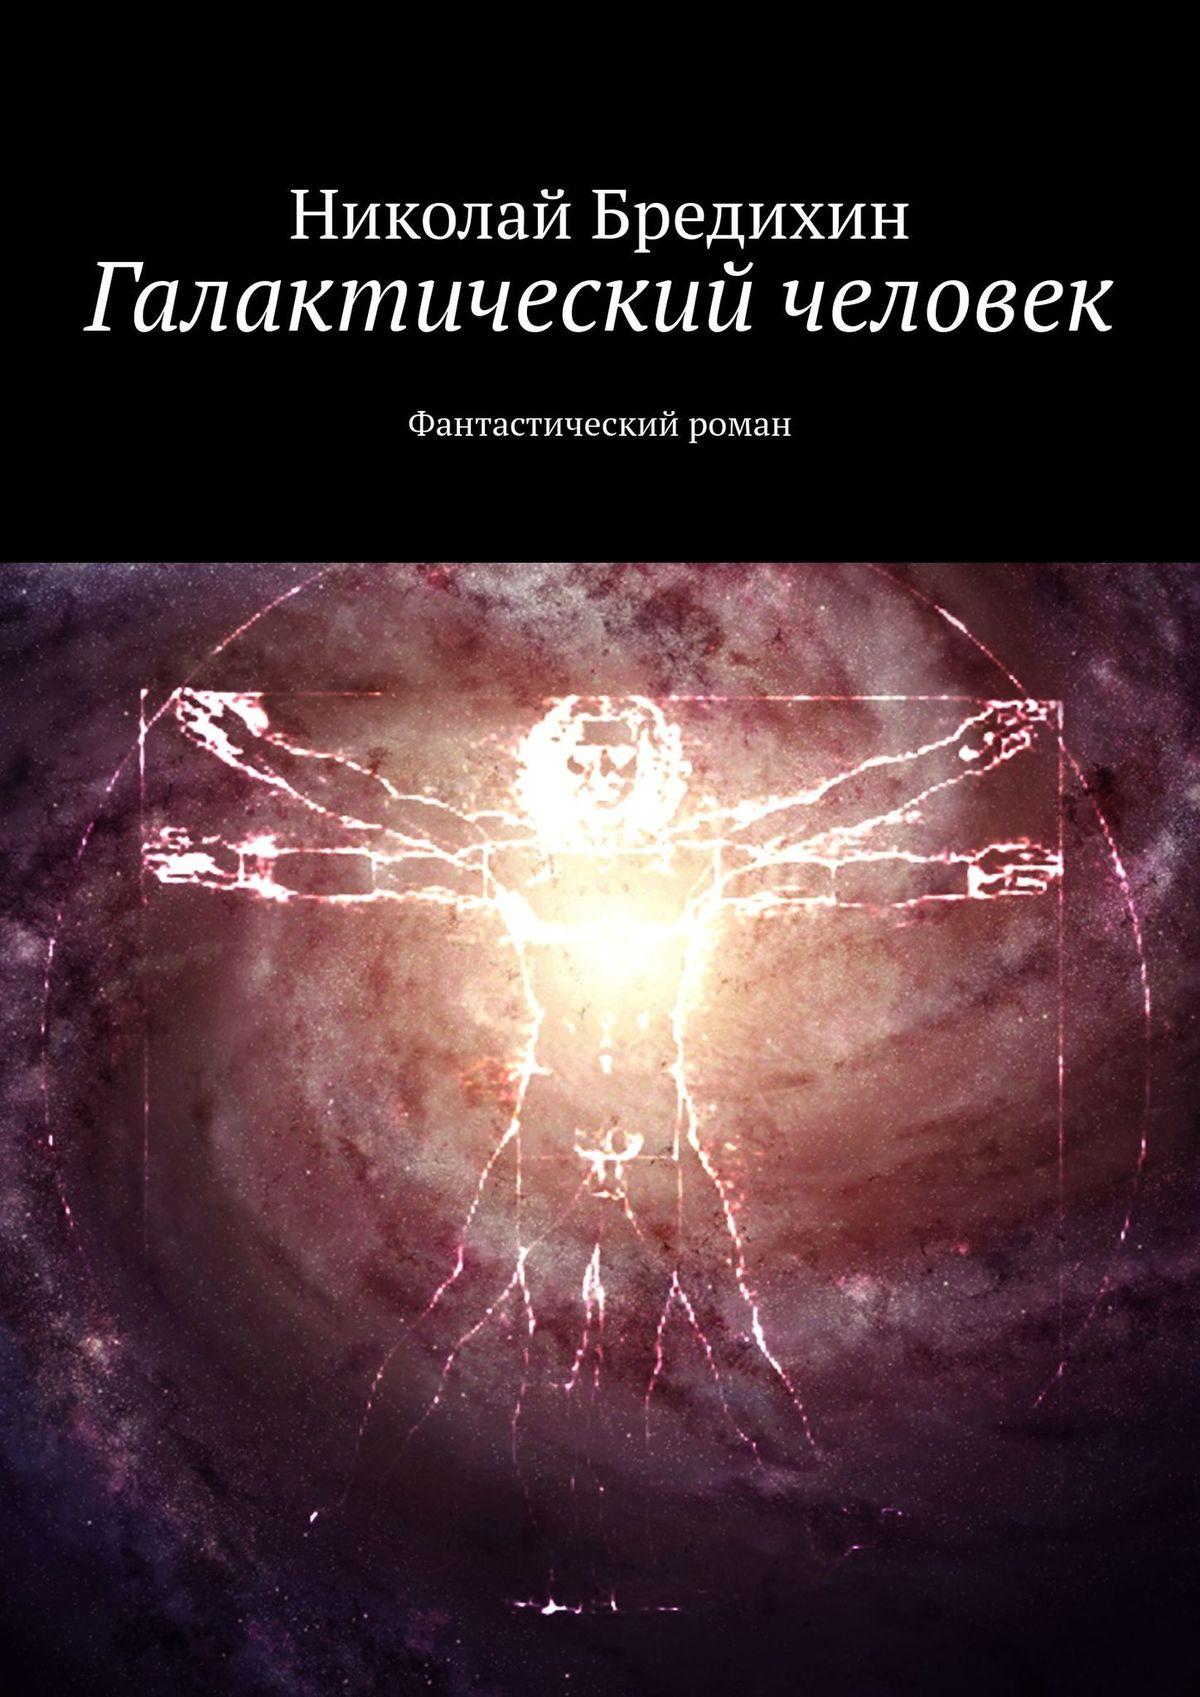 Галактический человек. Фантастический роман